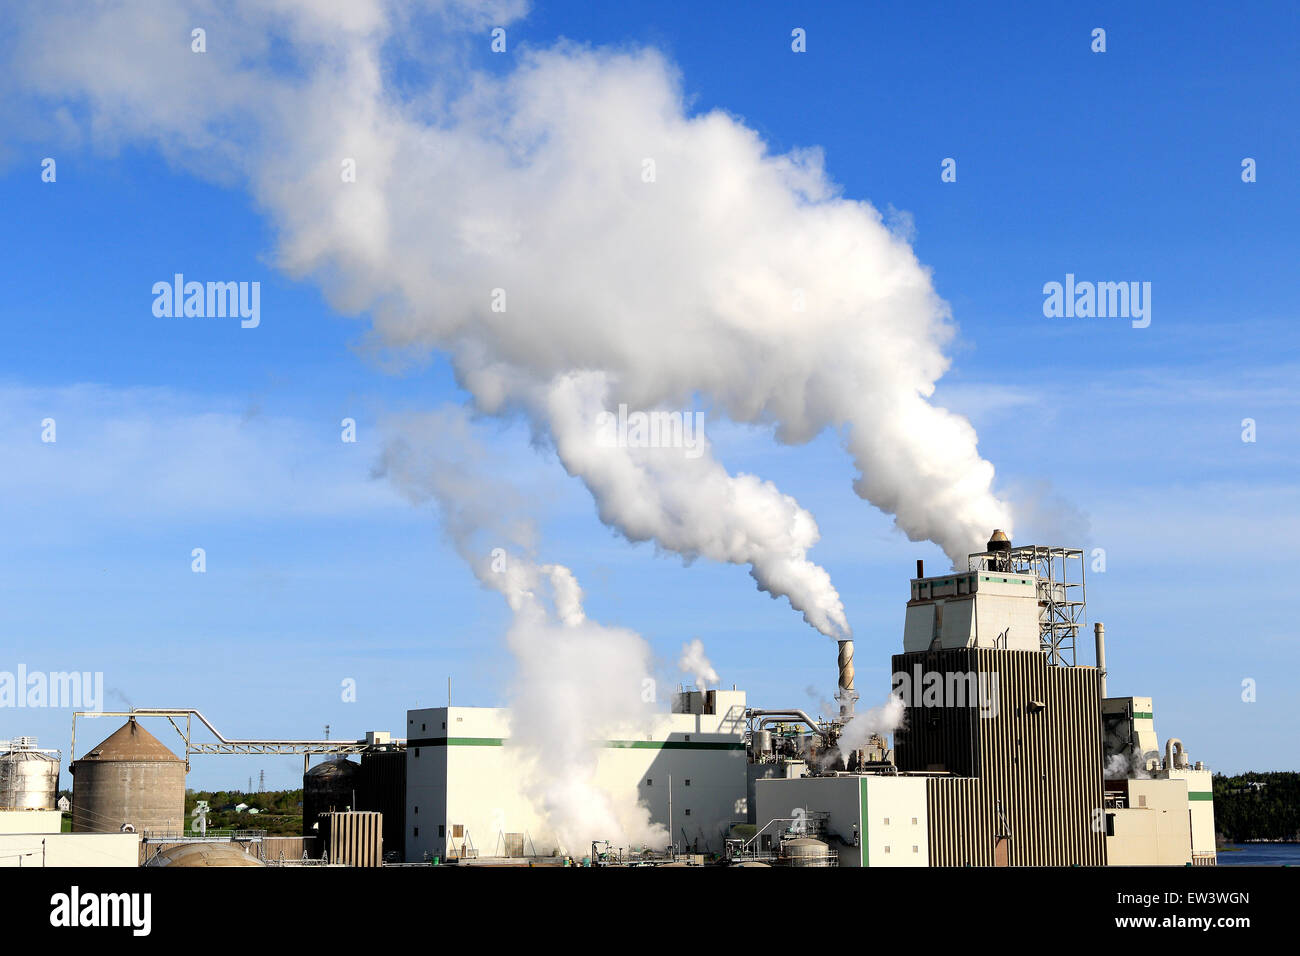 Il fumo dalla fabbrica rilascia l'inquinamento atmosferico e le emissioni di gas a effetto serra. Immagini Stock